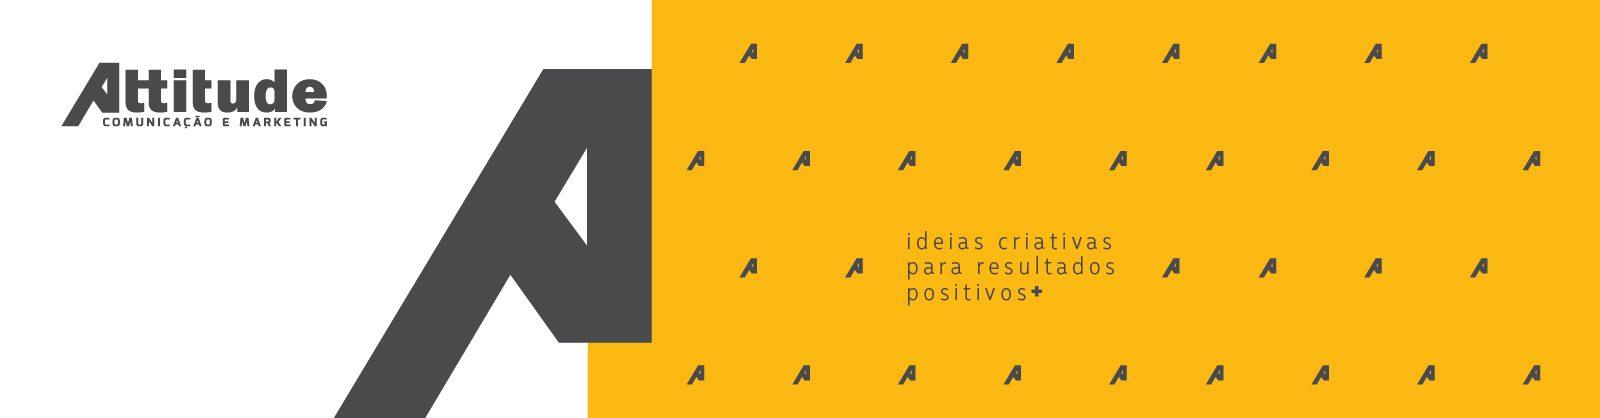 Attitude Comunicação e Marketing